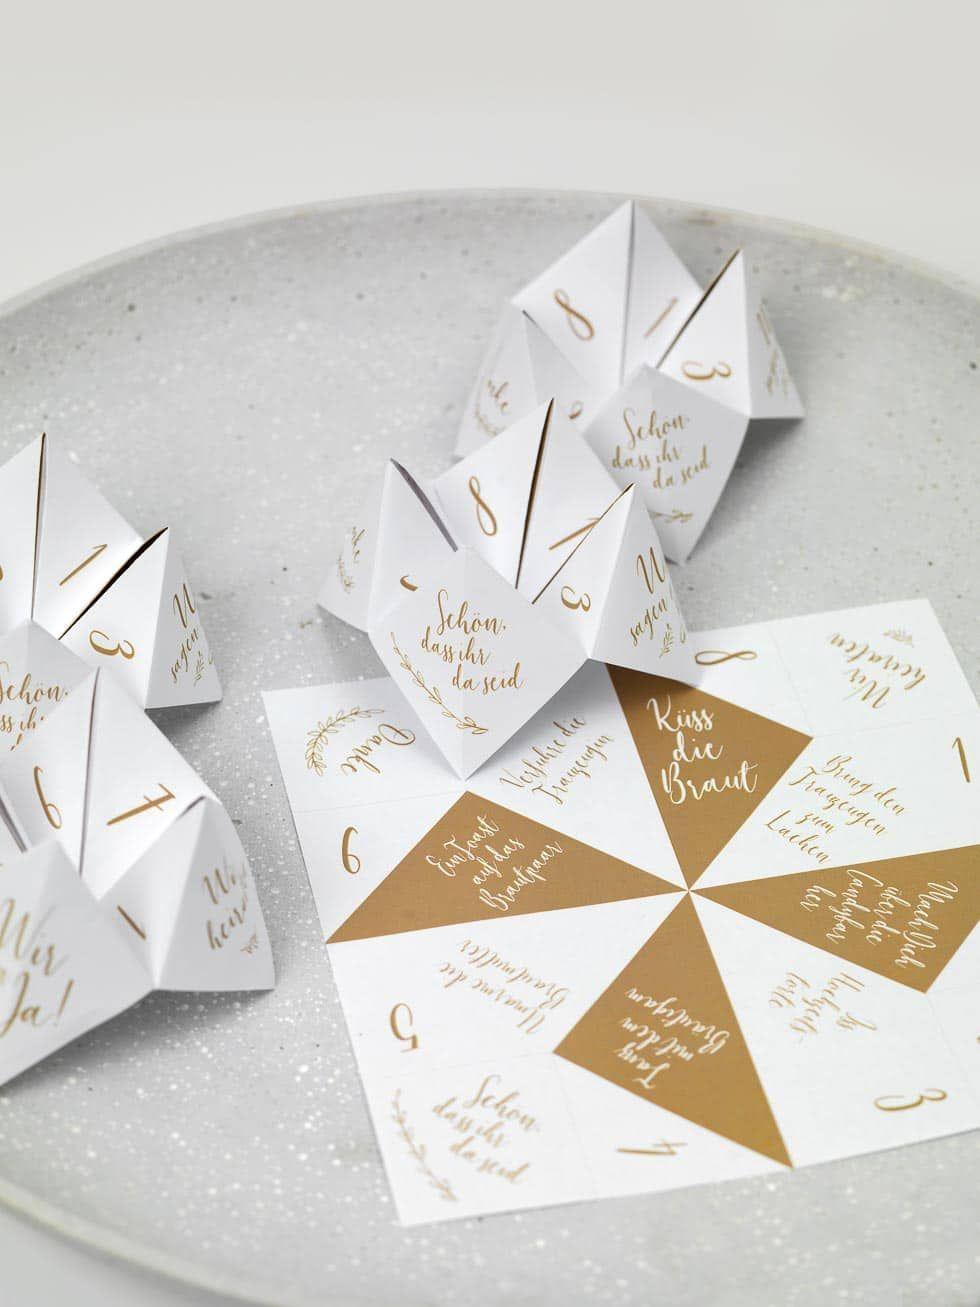 Himmel oder Hlle Spiel zur Hochzeit  Hochzeiten Alles